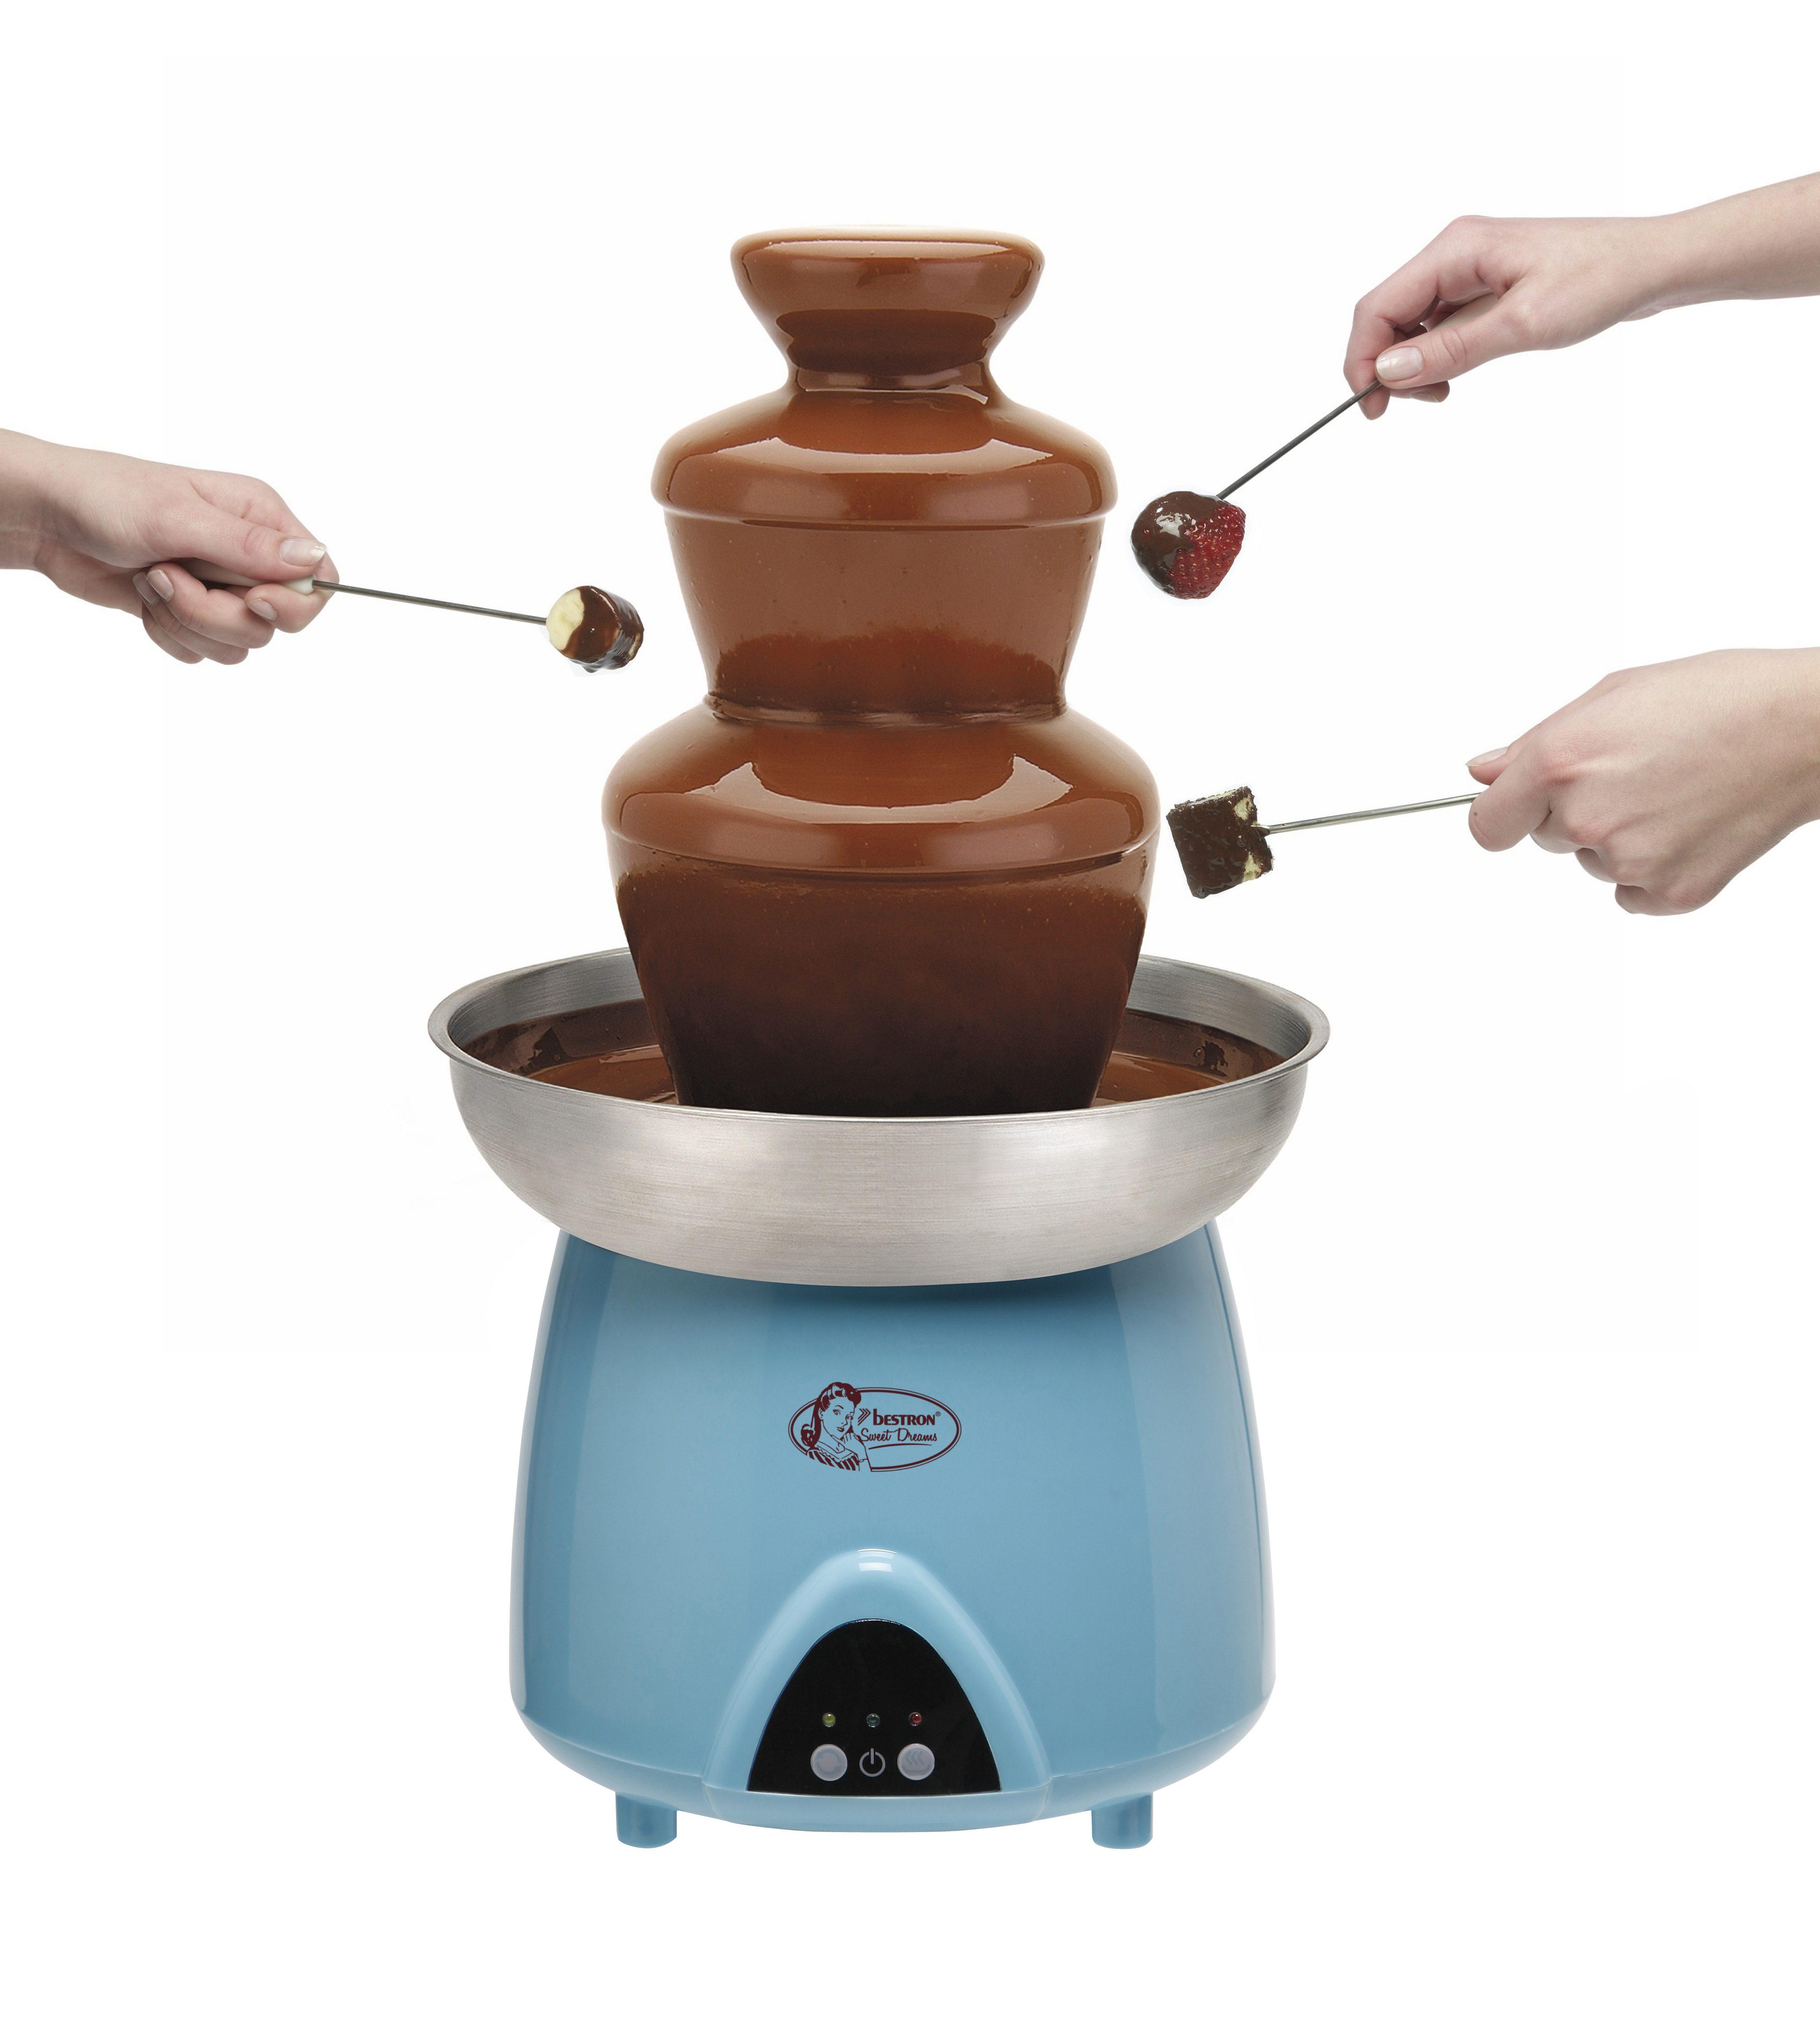 bestron Schokofontäne, Schokoladenbunnen DUE4007, beheizte 1,5 Liter-Edelstahlschüssel